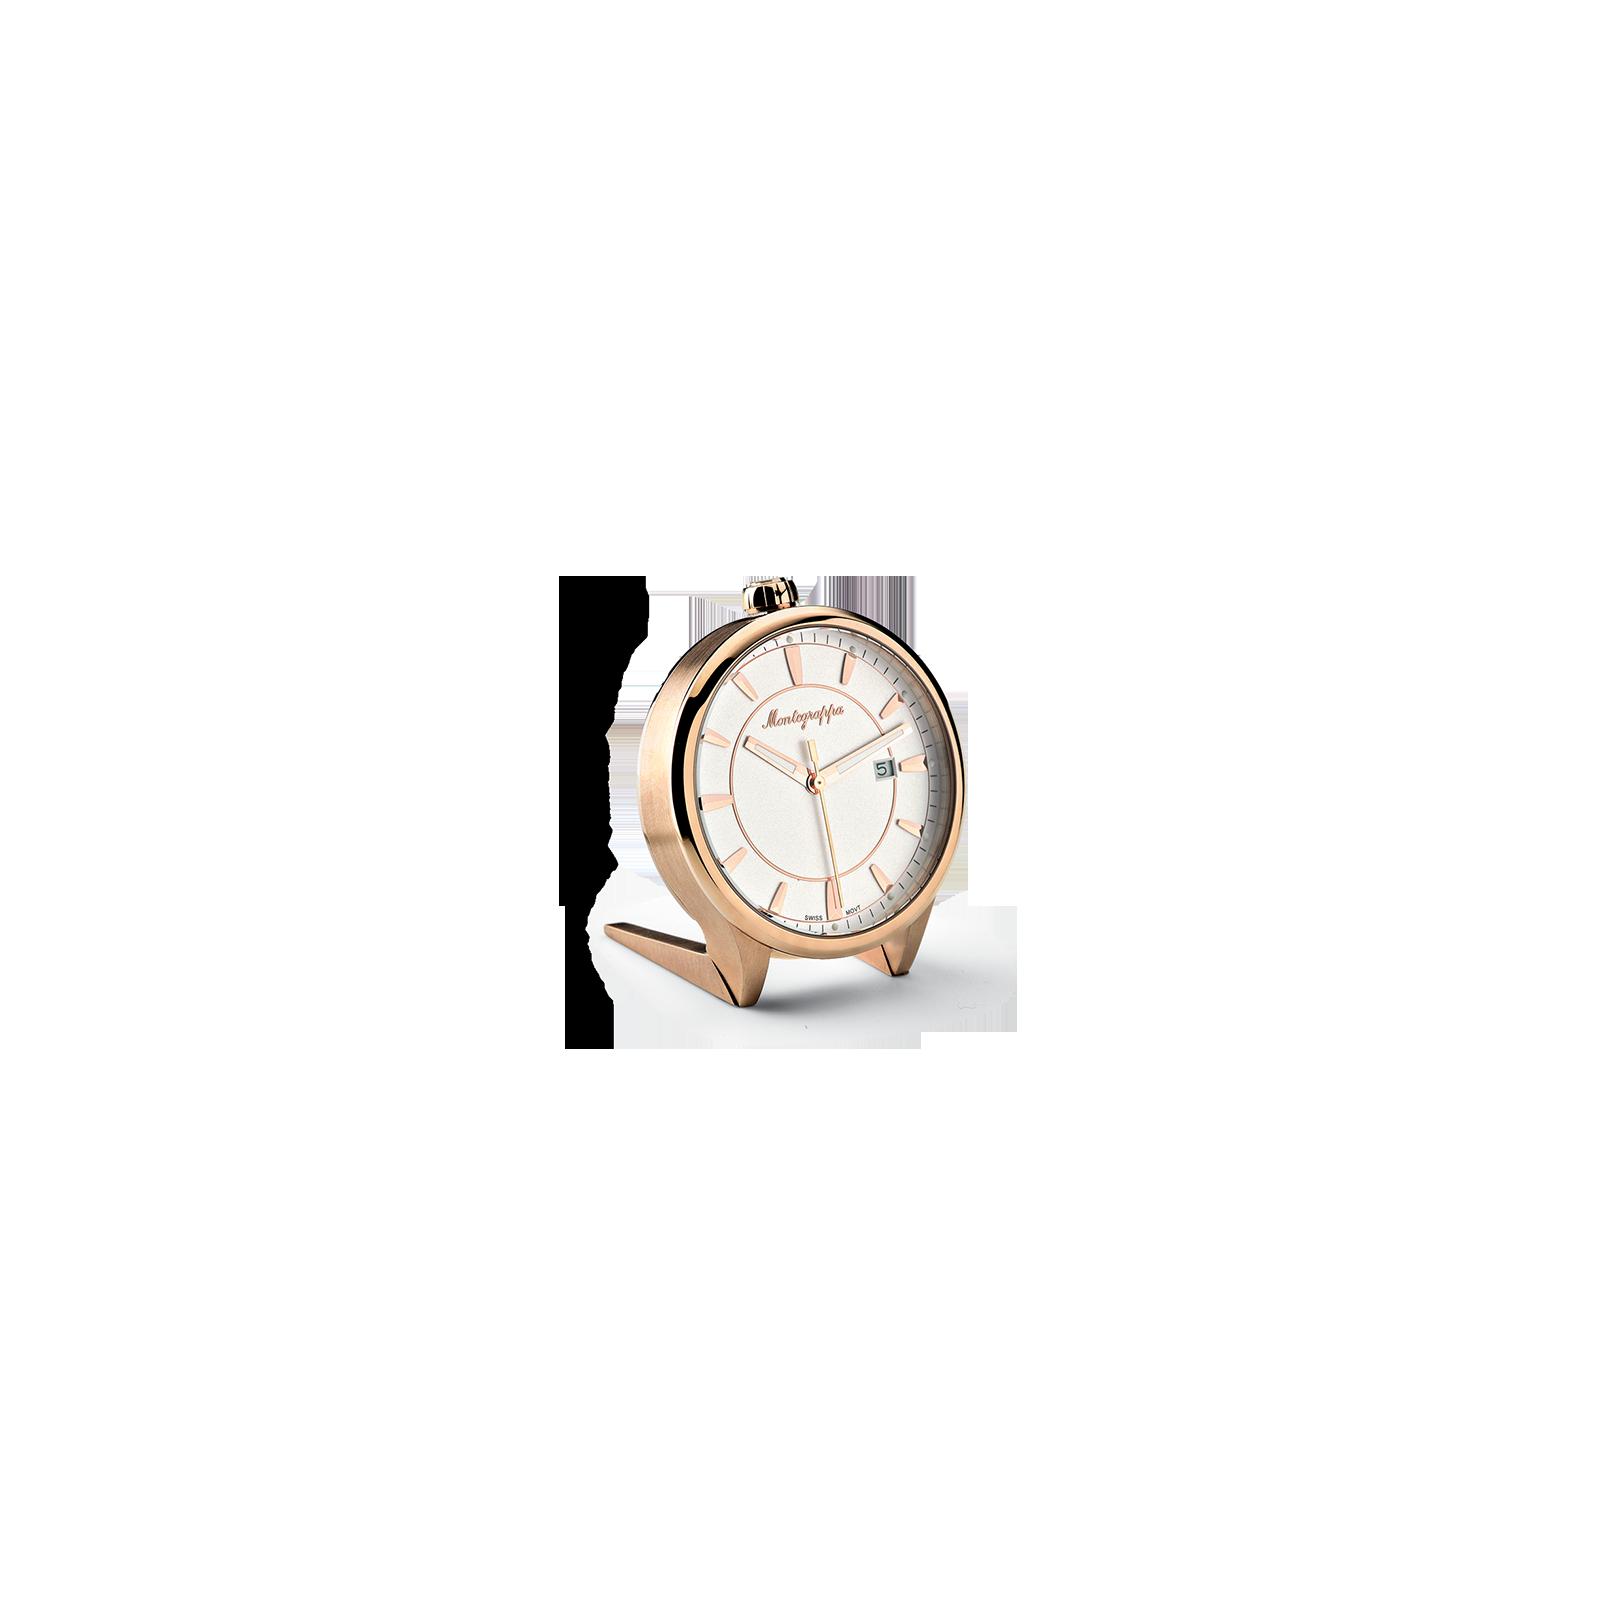 9dc377f9270 Reloj Fortuna Table Clock 40mm IDFOTCRW